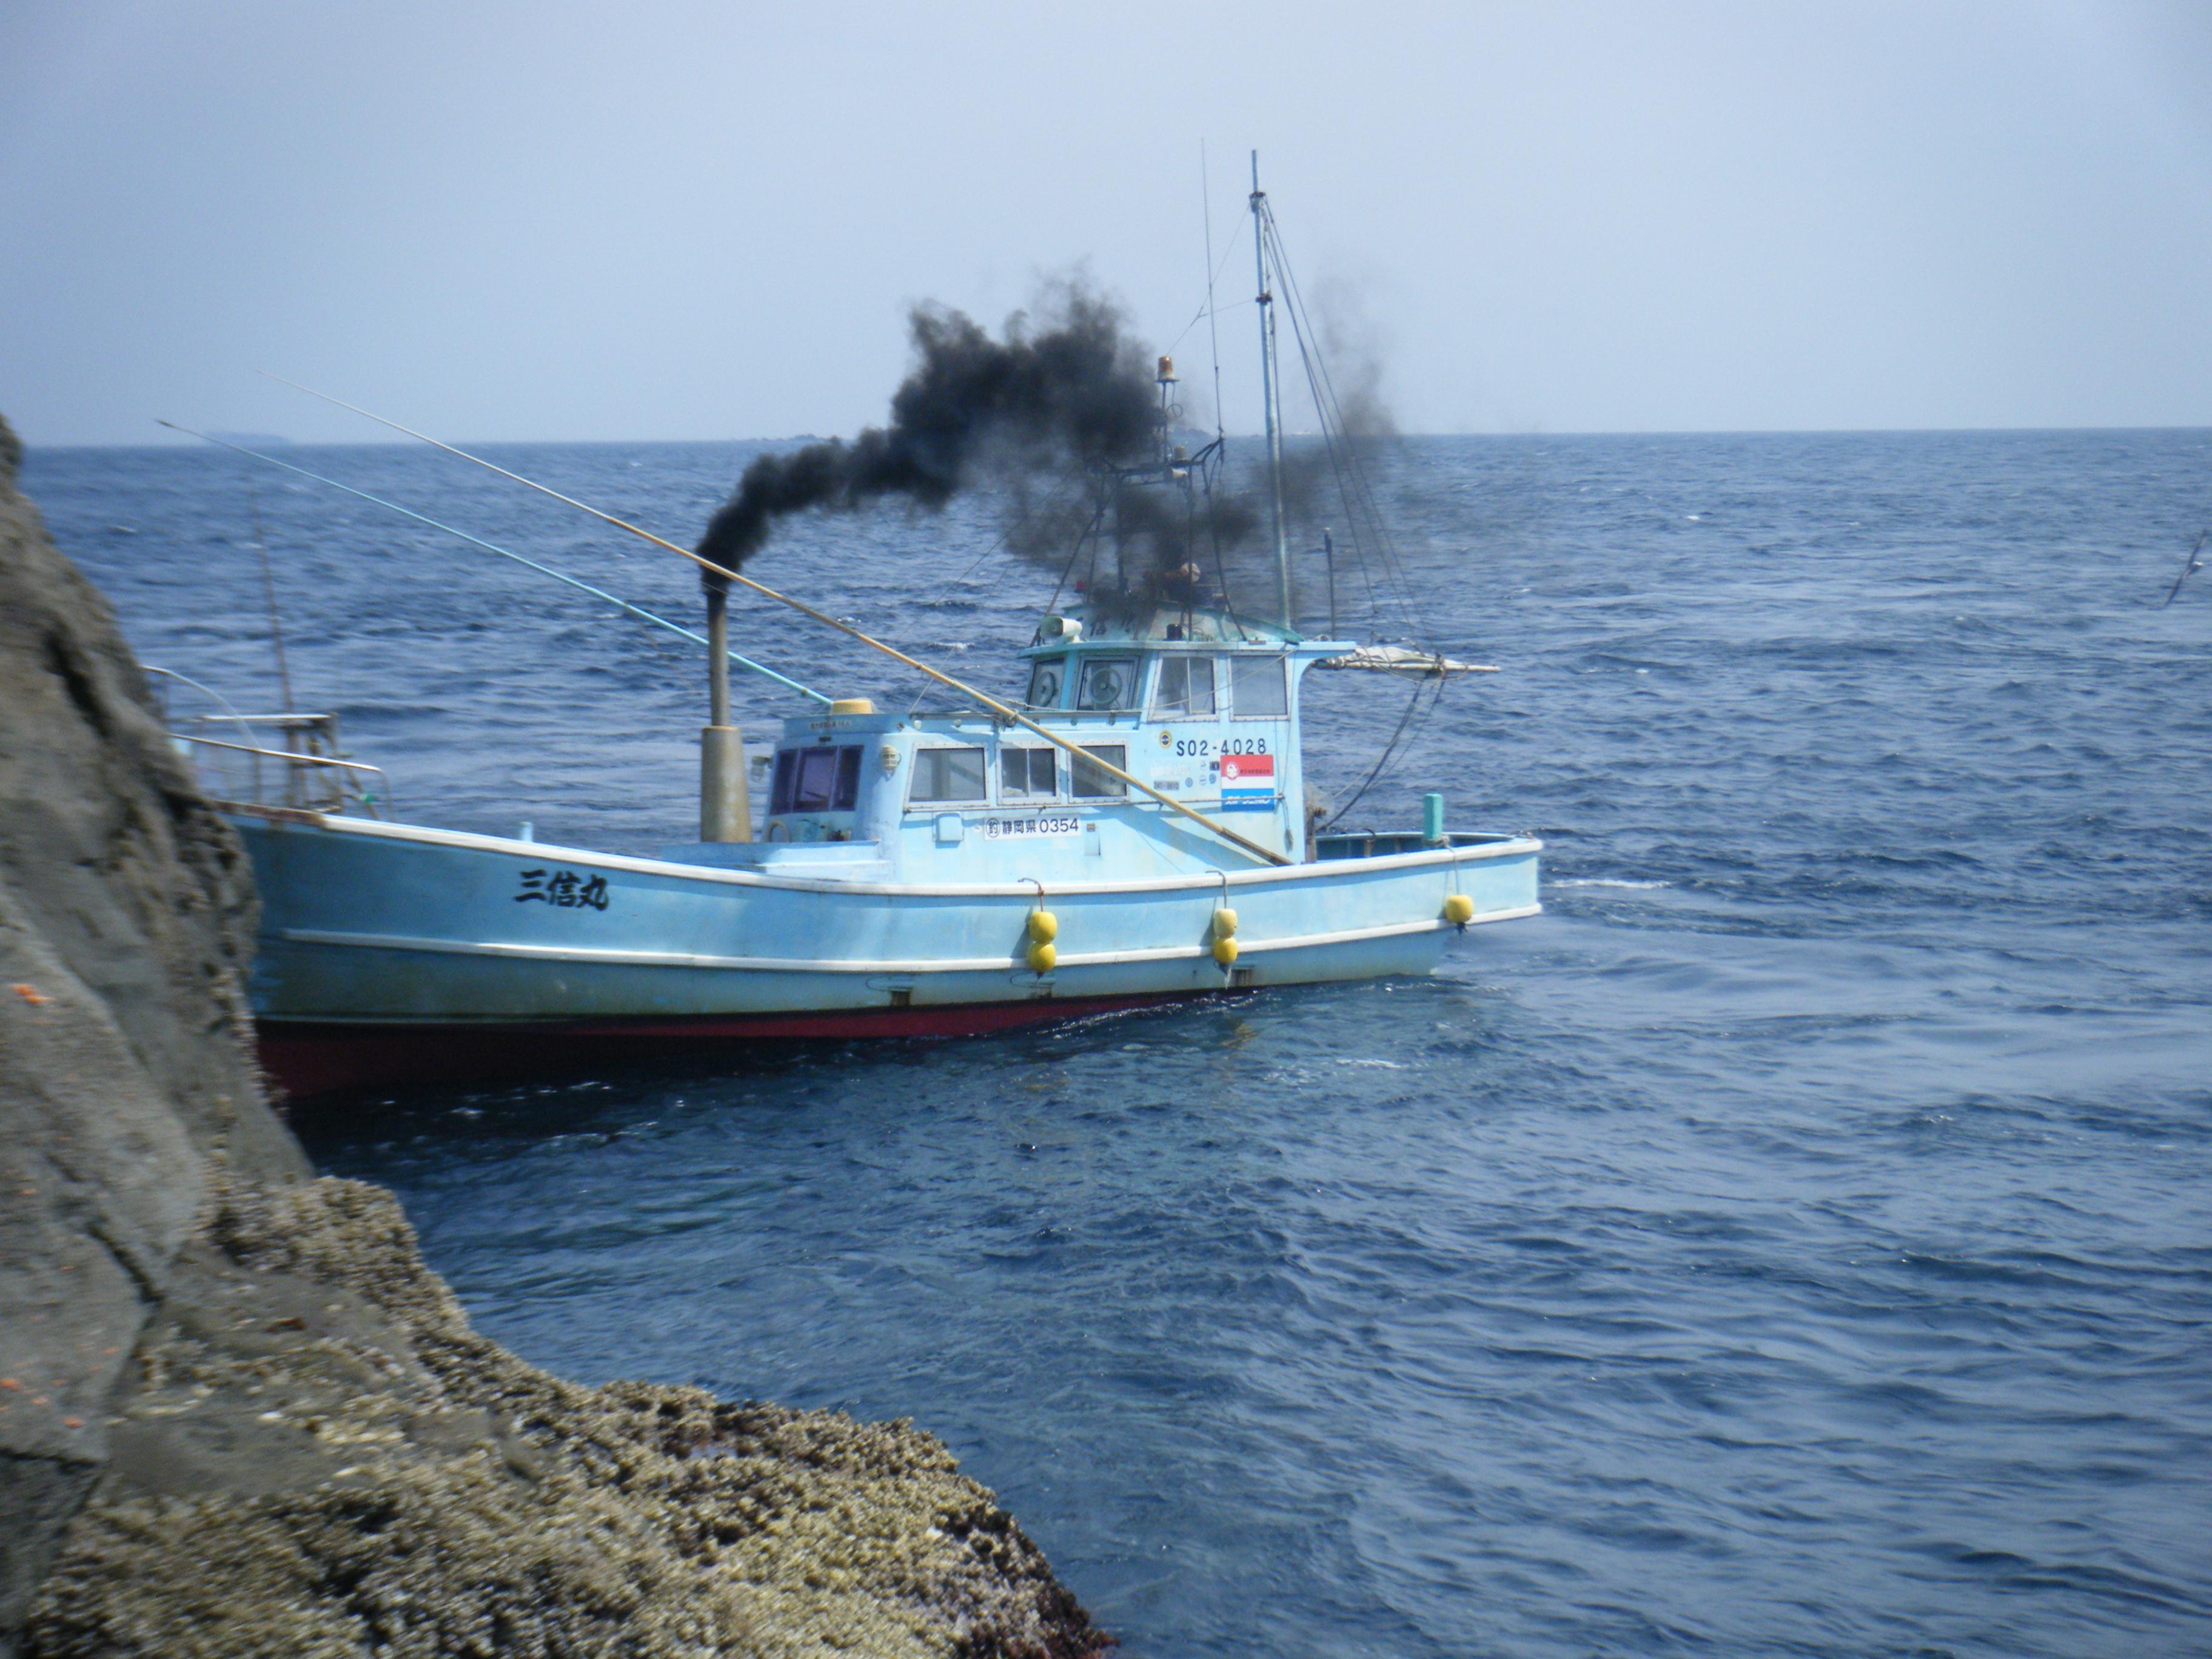 伊豆半島、諸島の磯釣りへ